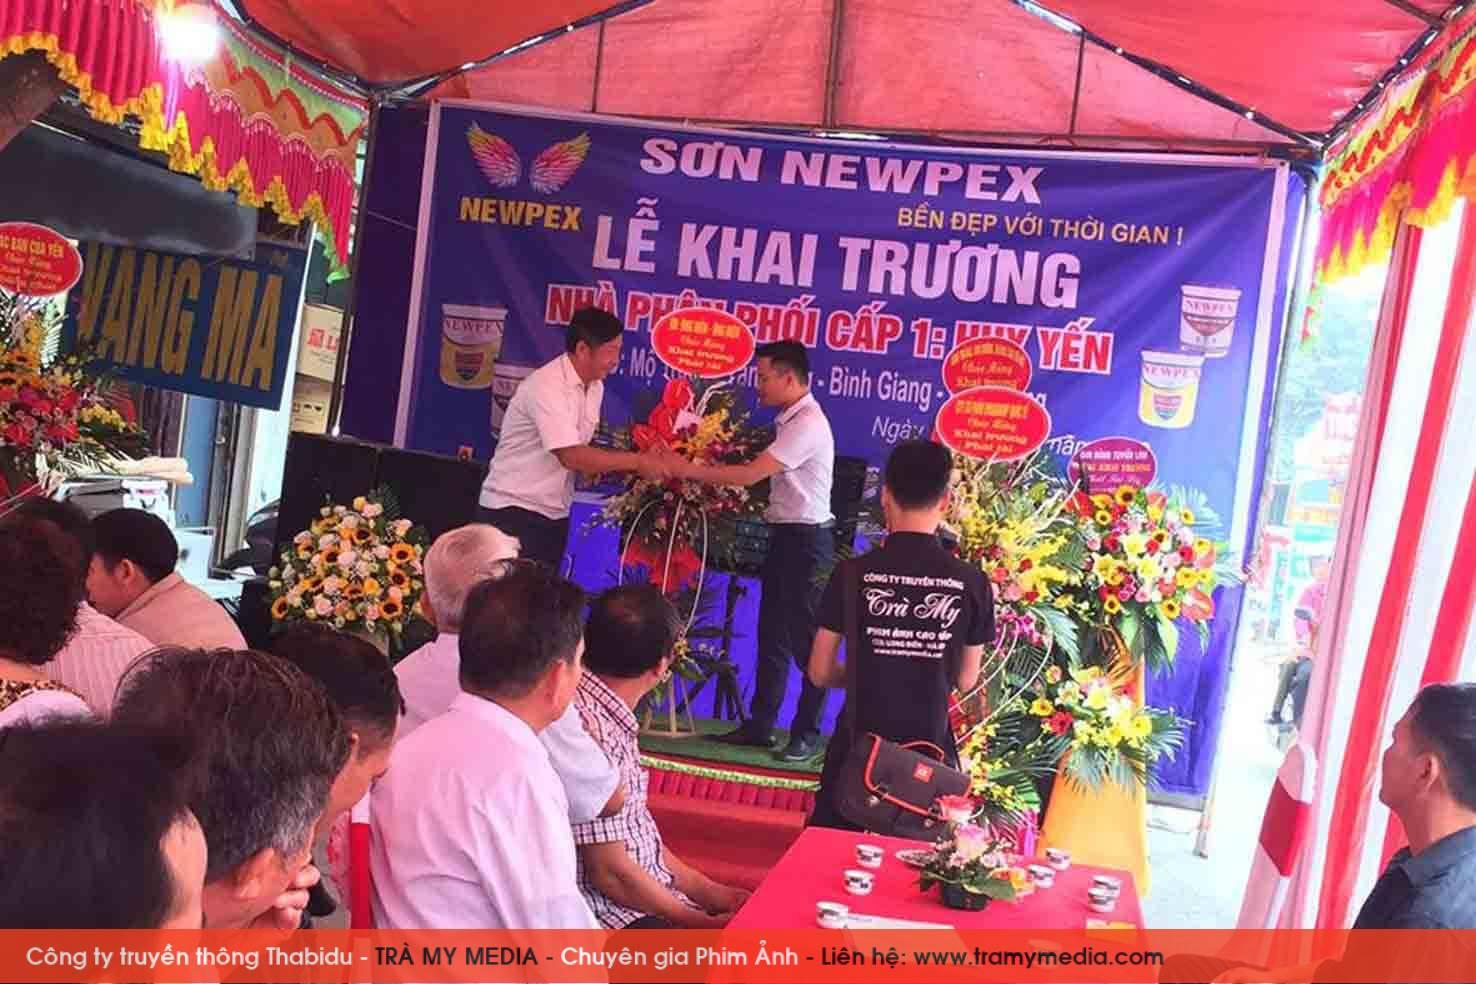 QUAY PHIM KHAI TRUONG TAI HAI DUONG 5